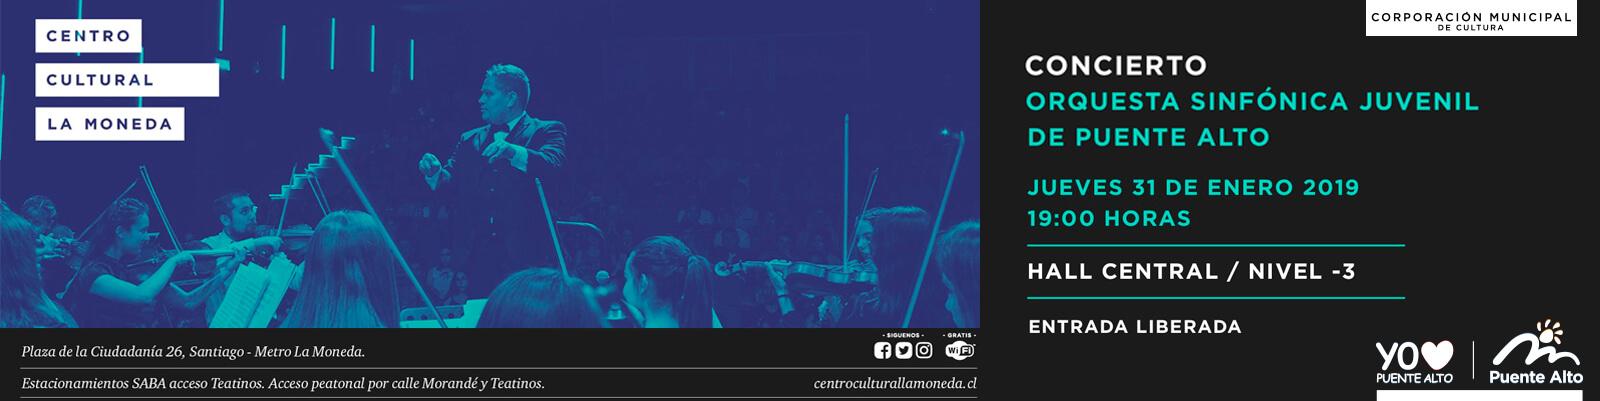 Nuestra Orquesta Sinfónica Juvenil se presentará en el Centro Cultural La Moneda.